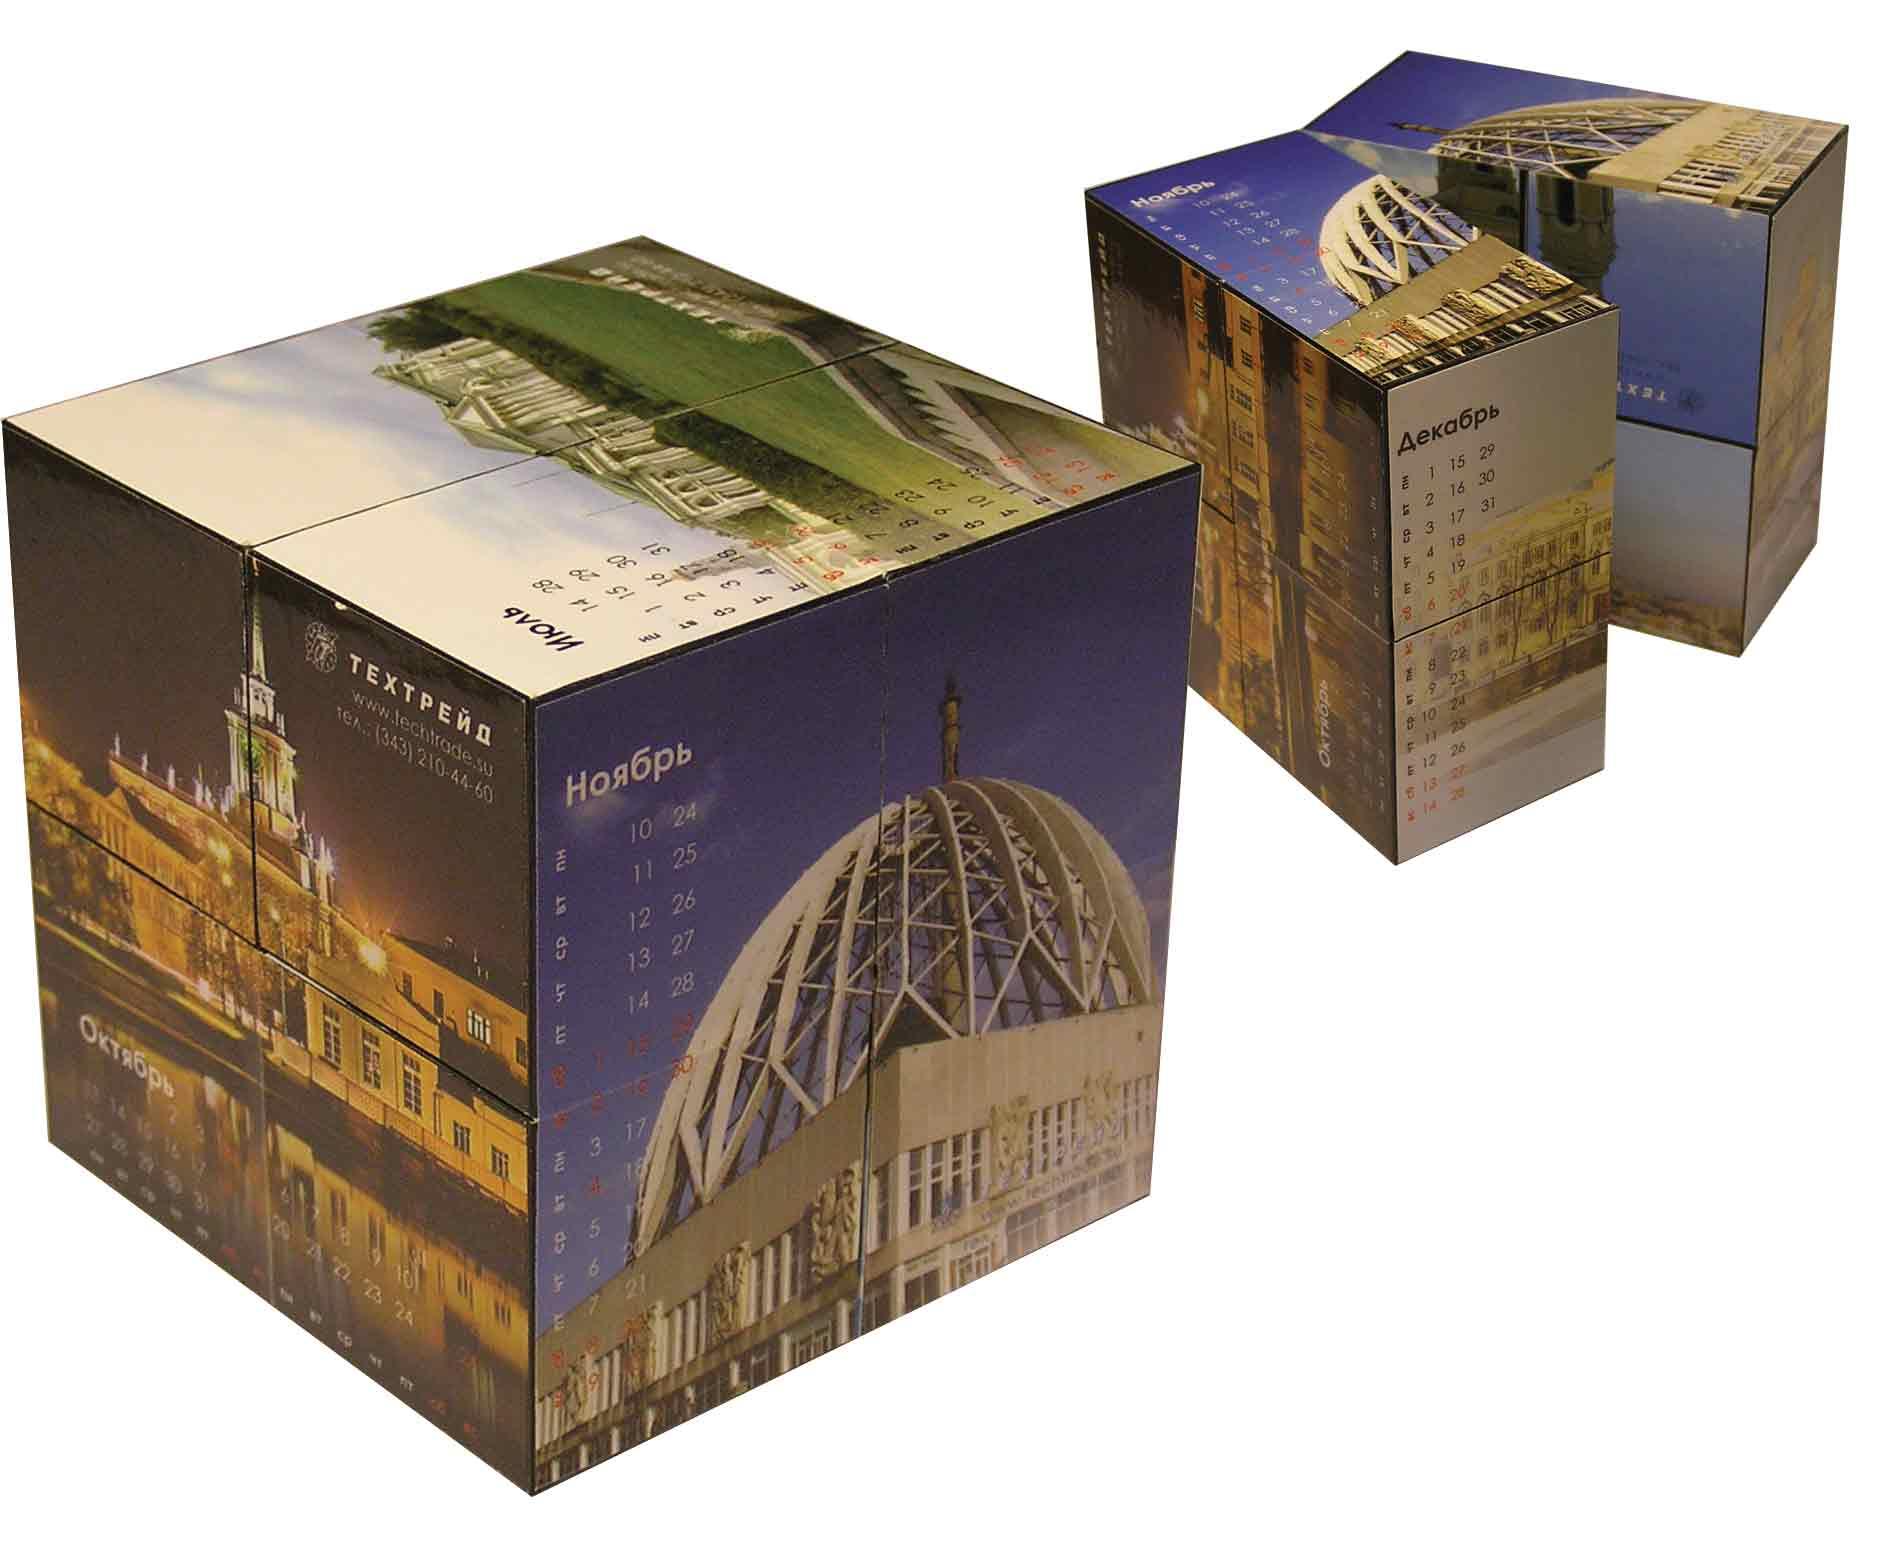 Кубики-трансформеры, изготовление сувенирной продукции 23